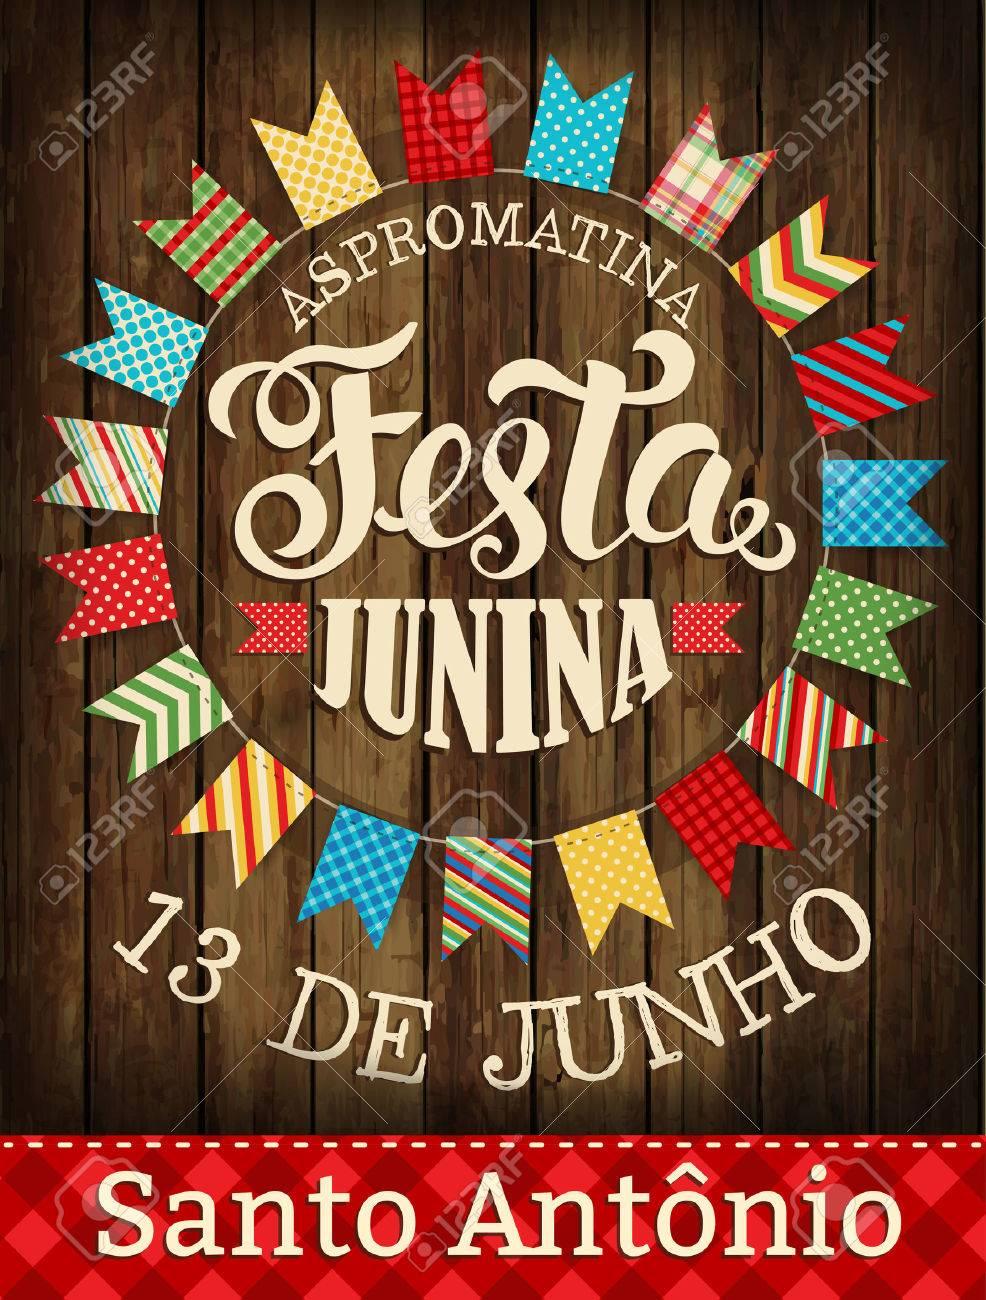 Festa Junina illustration traditional Brazil June festival party. Vector illustration. Poster. - 76968163